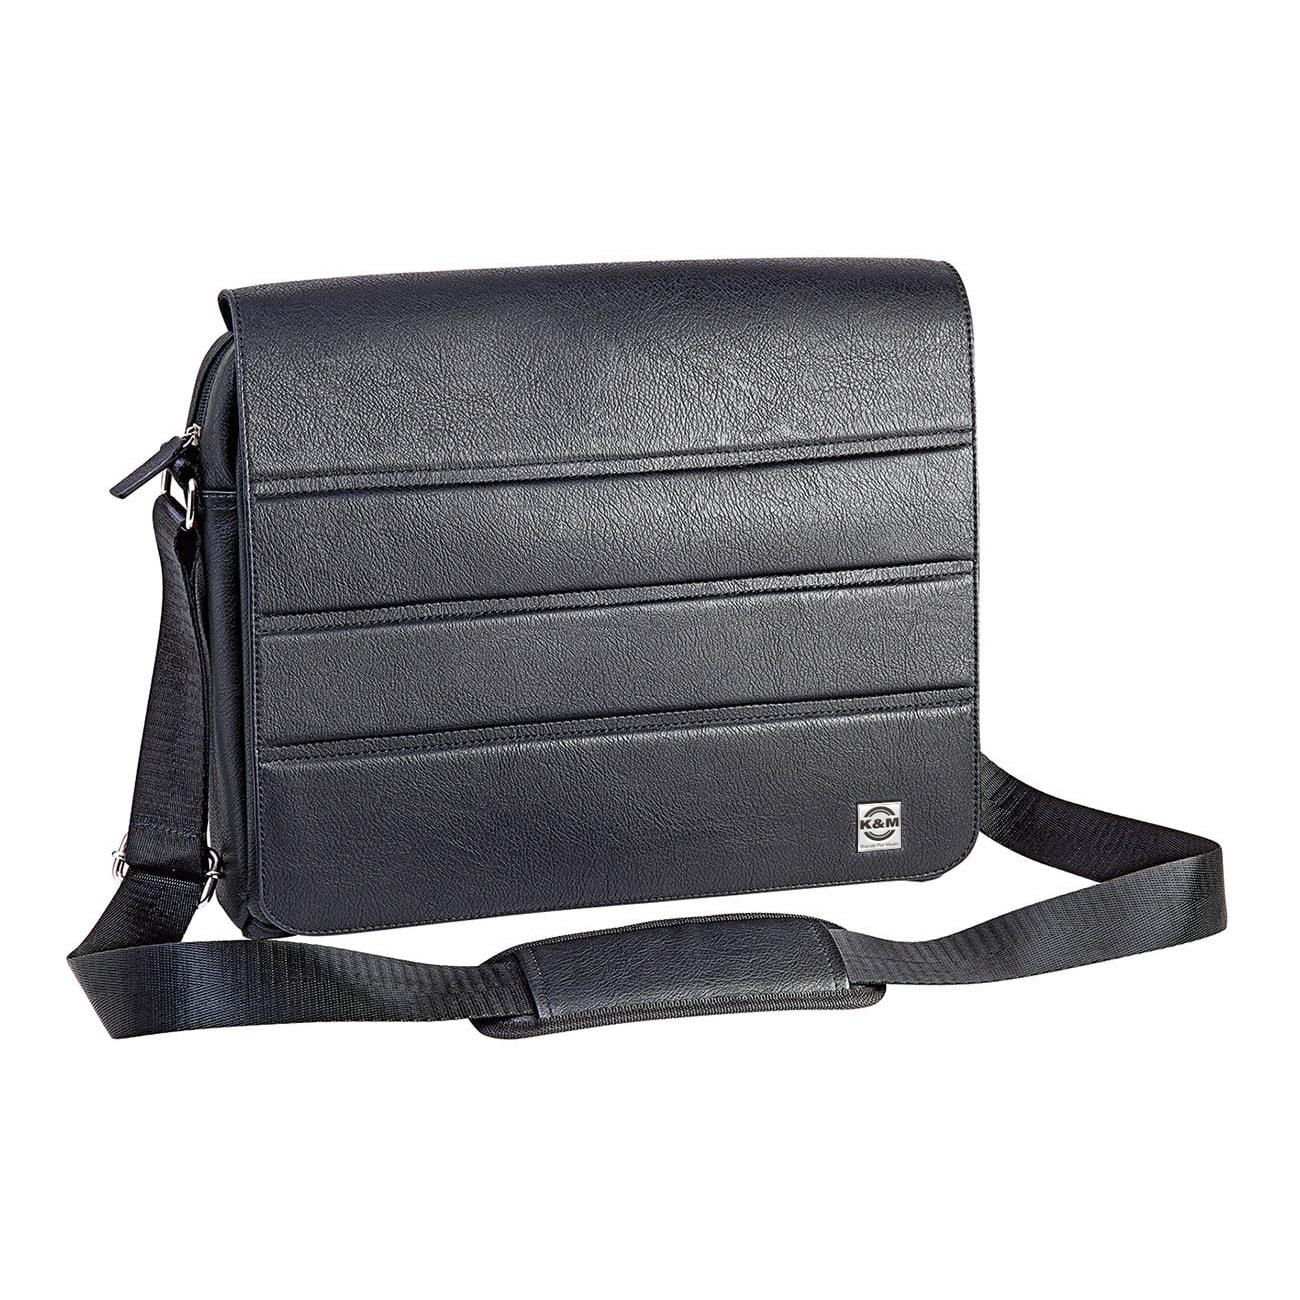 KM19705 - Shoulder bag for sheet music and tablets